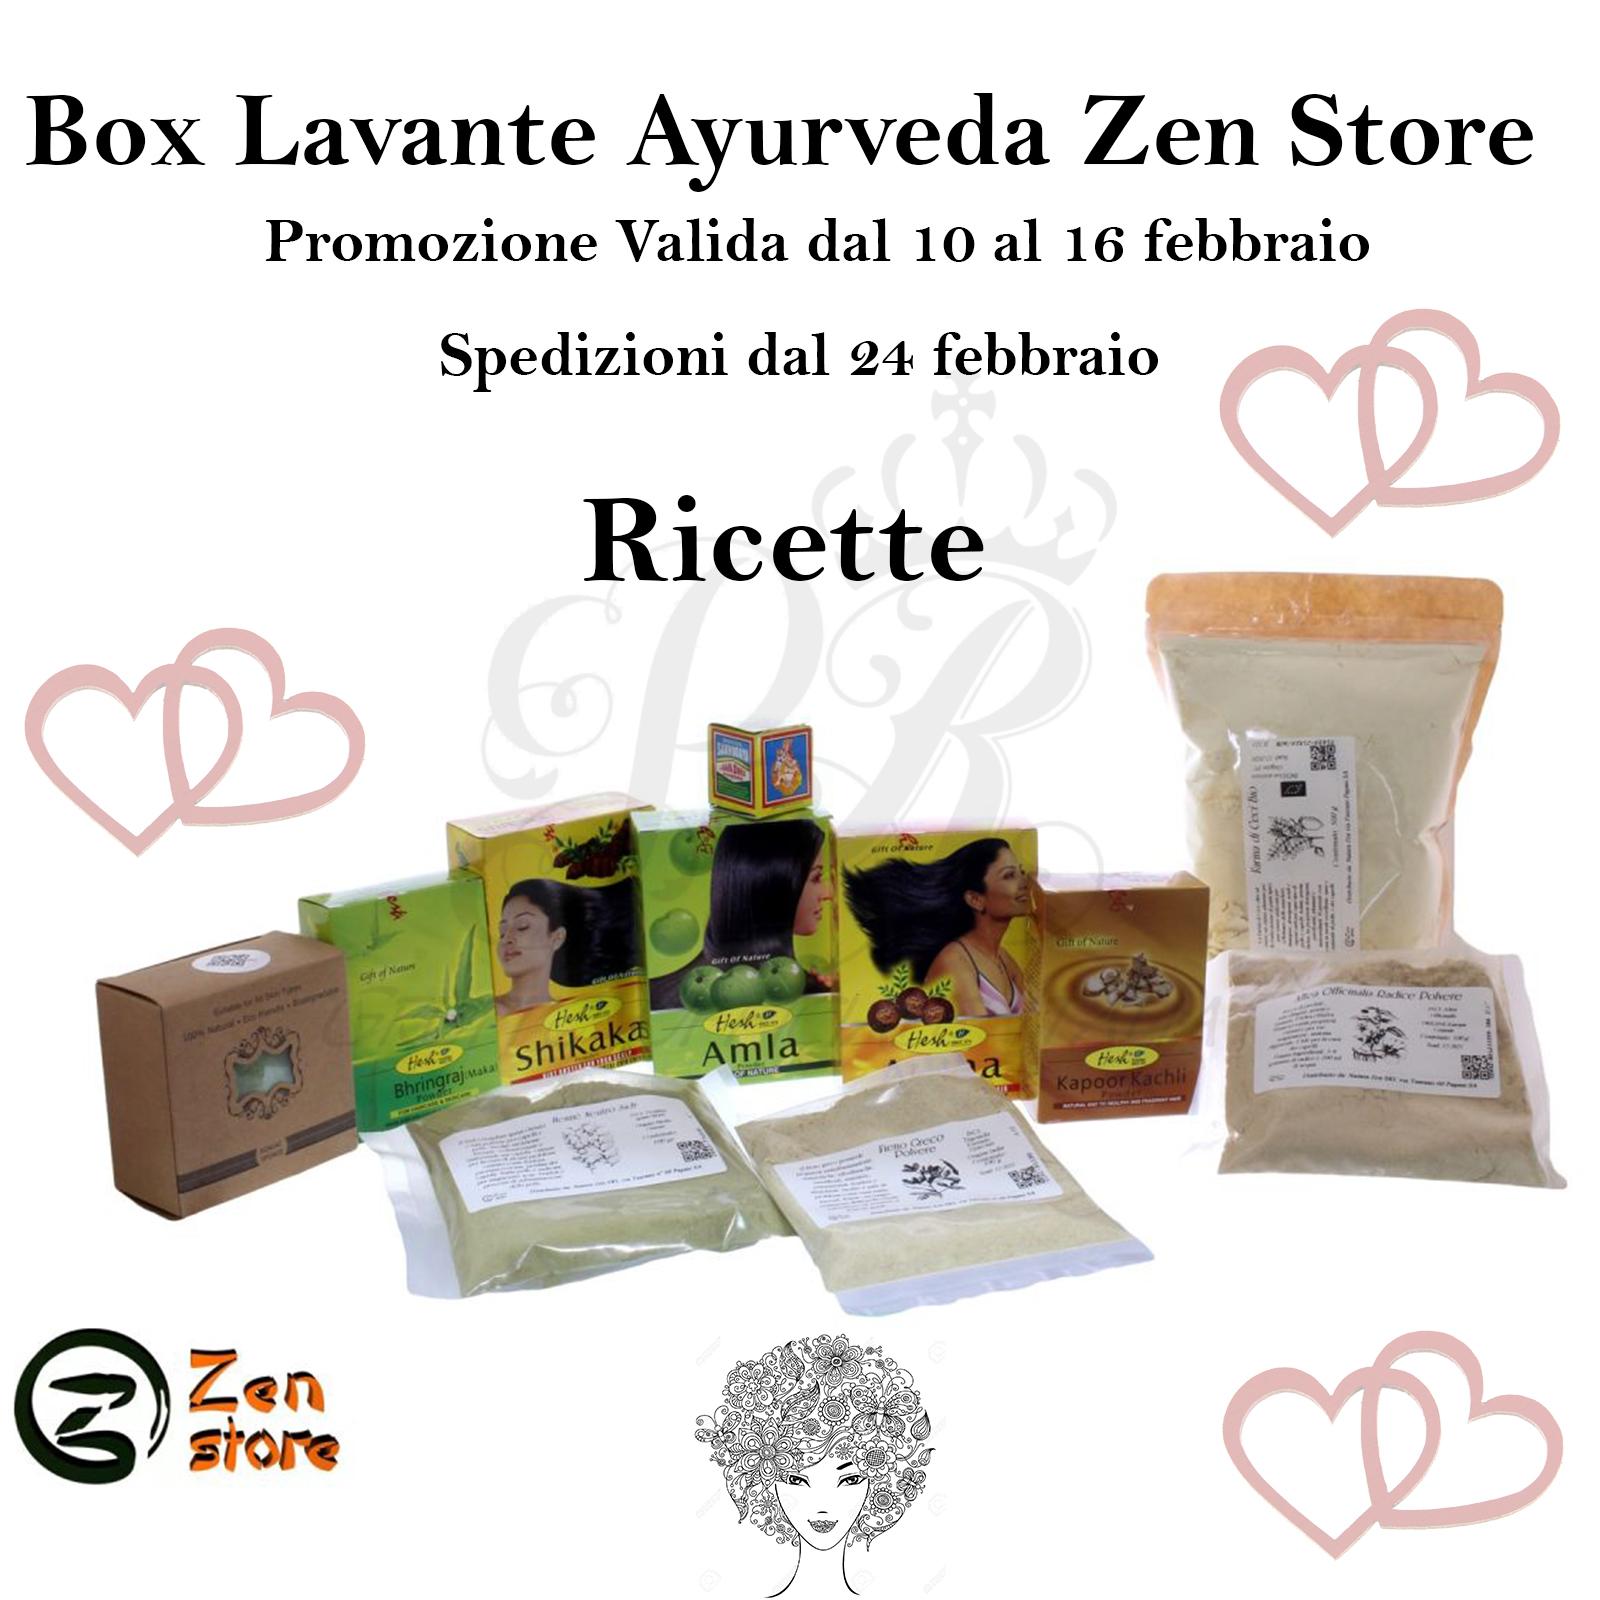 Ricette consigli Box Lavante Ayurvedica Zen Store